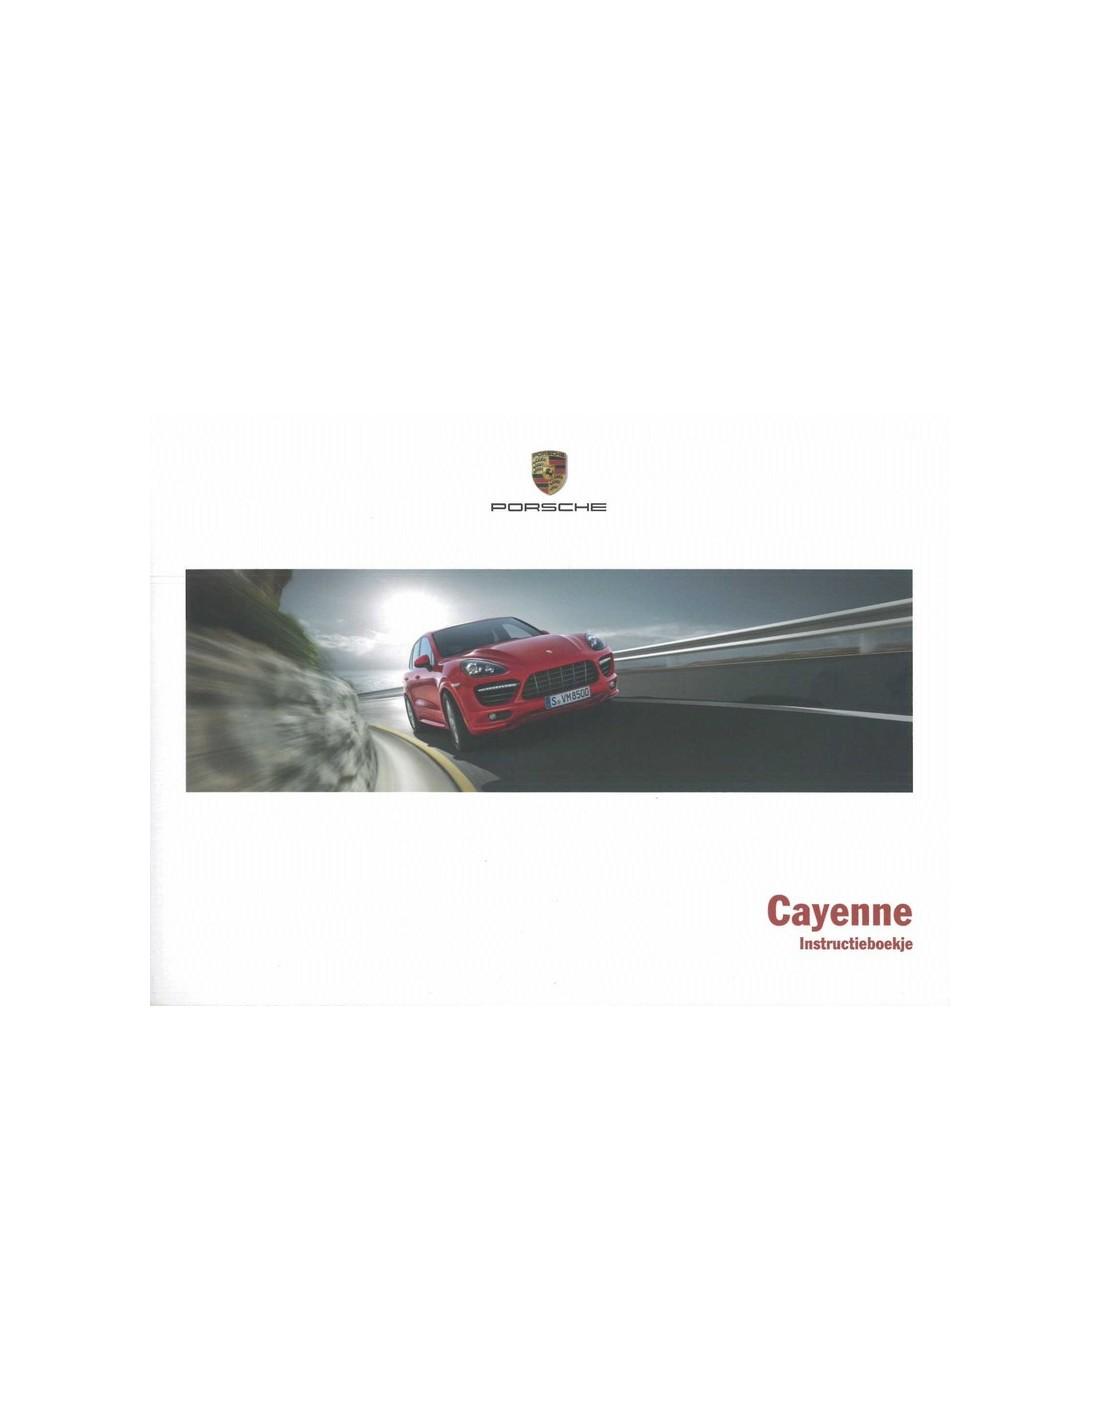 2009 porsche cayenne owner s manual german2014 porsche cayenne rh autolit eu 2009 porsche cayenne owners manual pdf 2008 porsche cayenne owners manual pdf